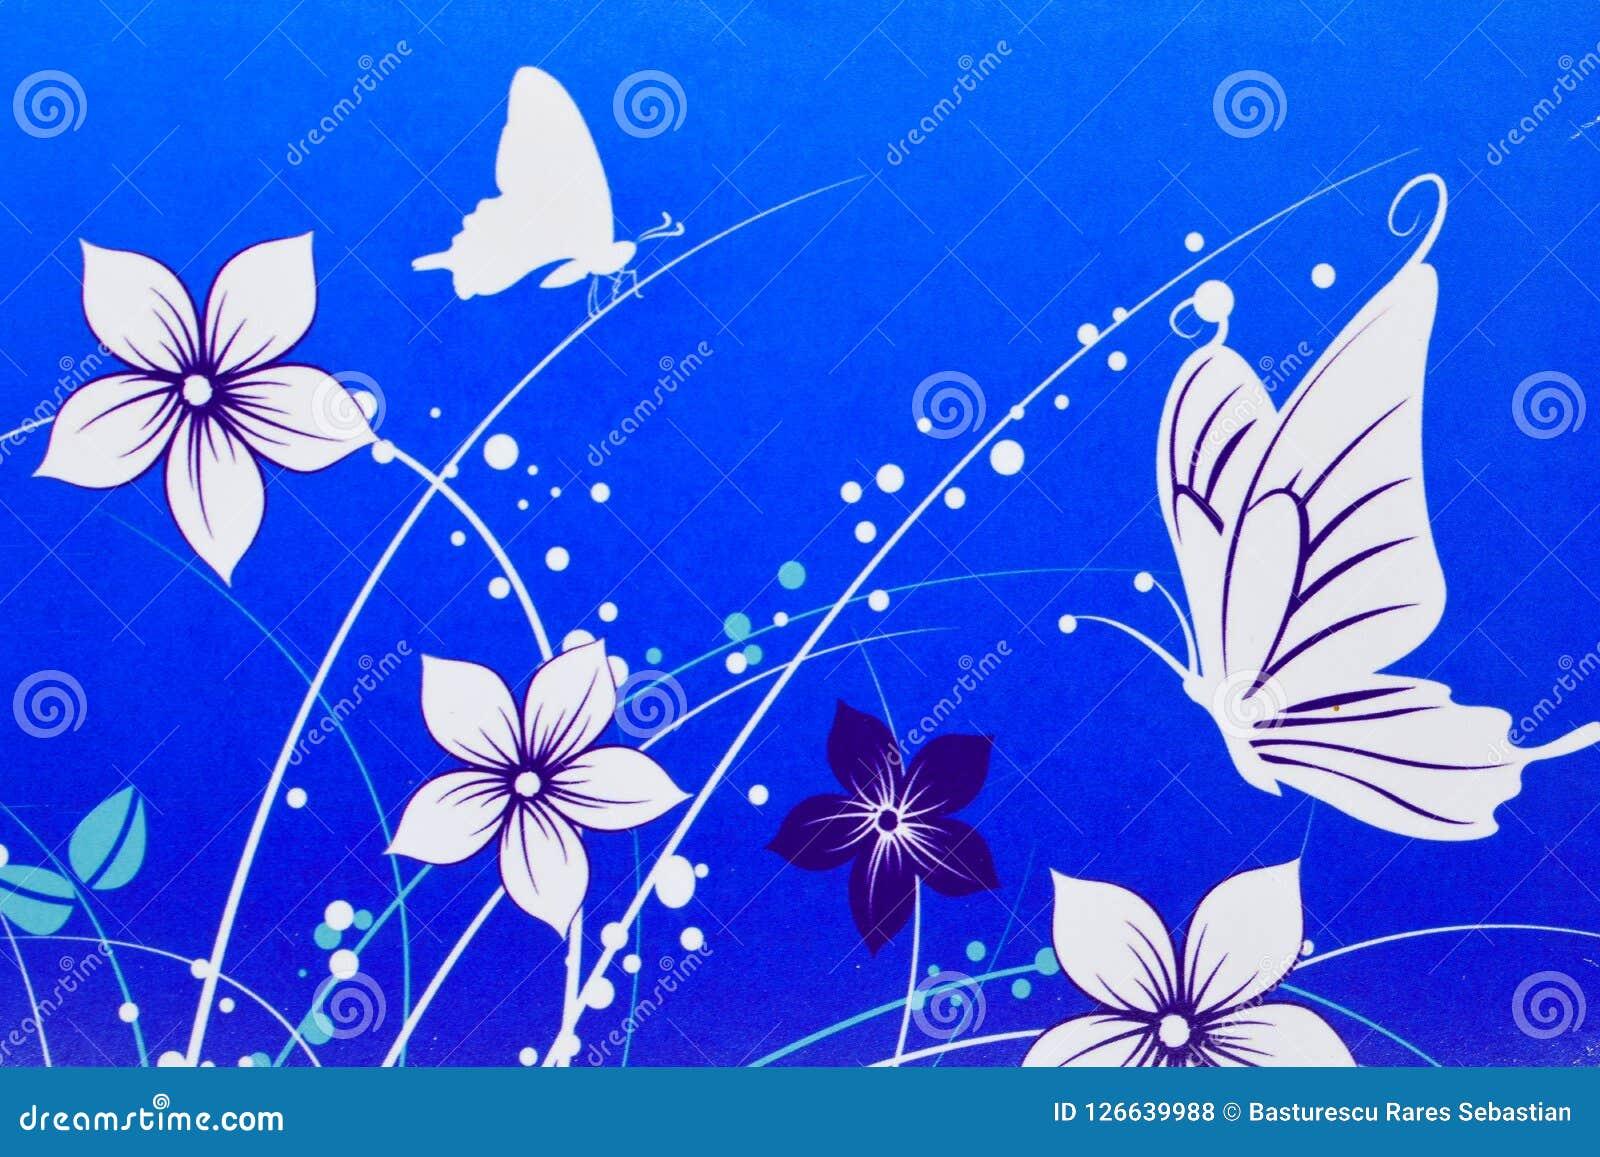 Vita blommor och fjärilar som dras på blå bakgrund